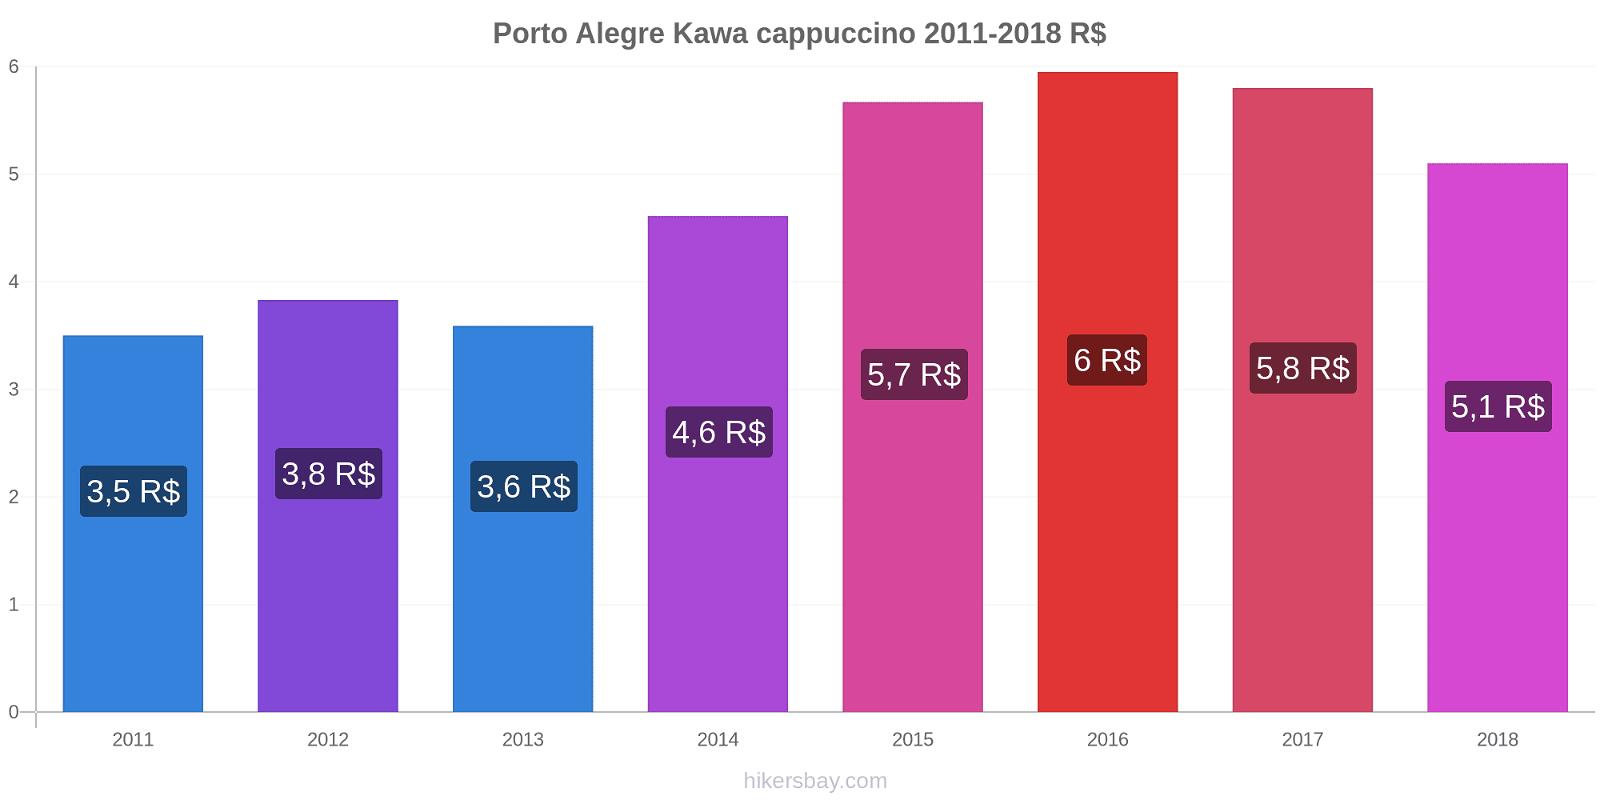 Porto Alegre zmiany cen Kawa cappuccino hikersbay.com